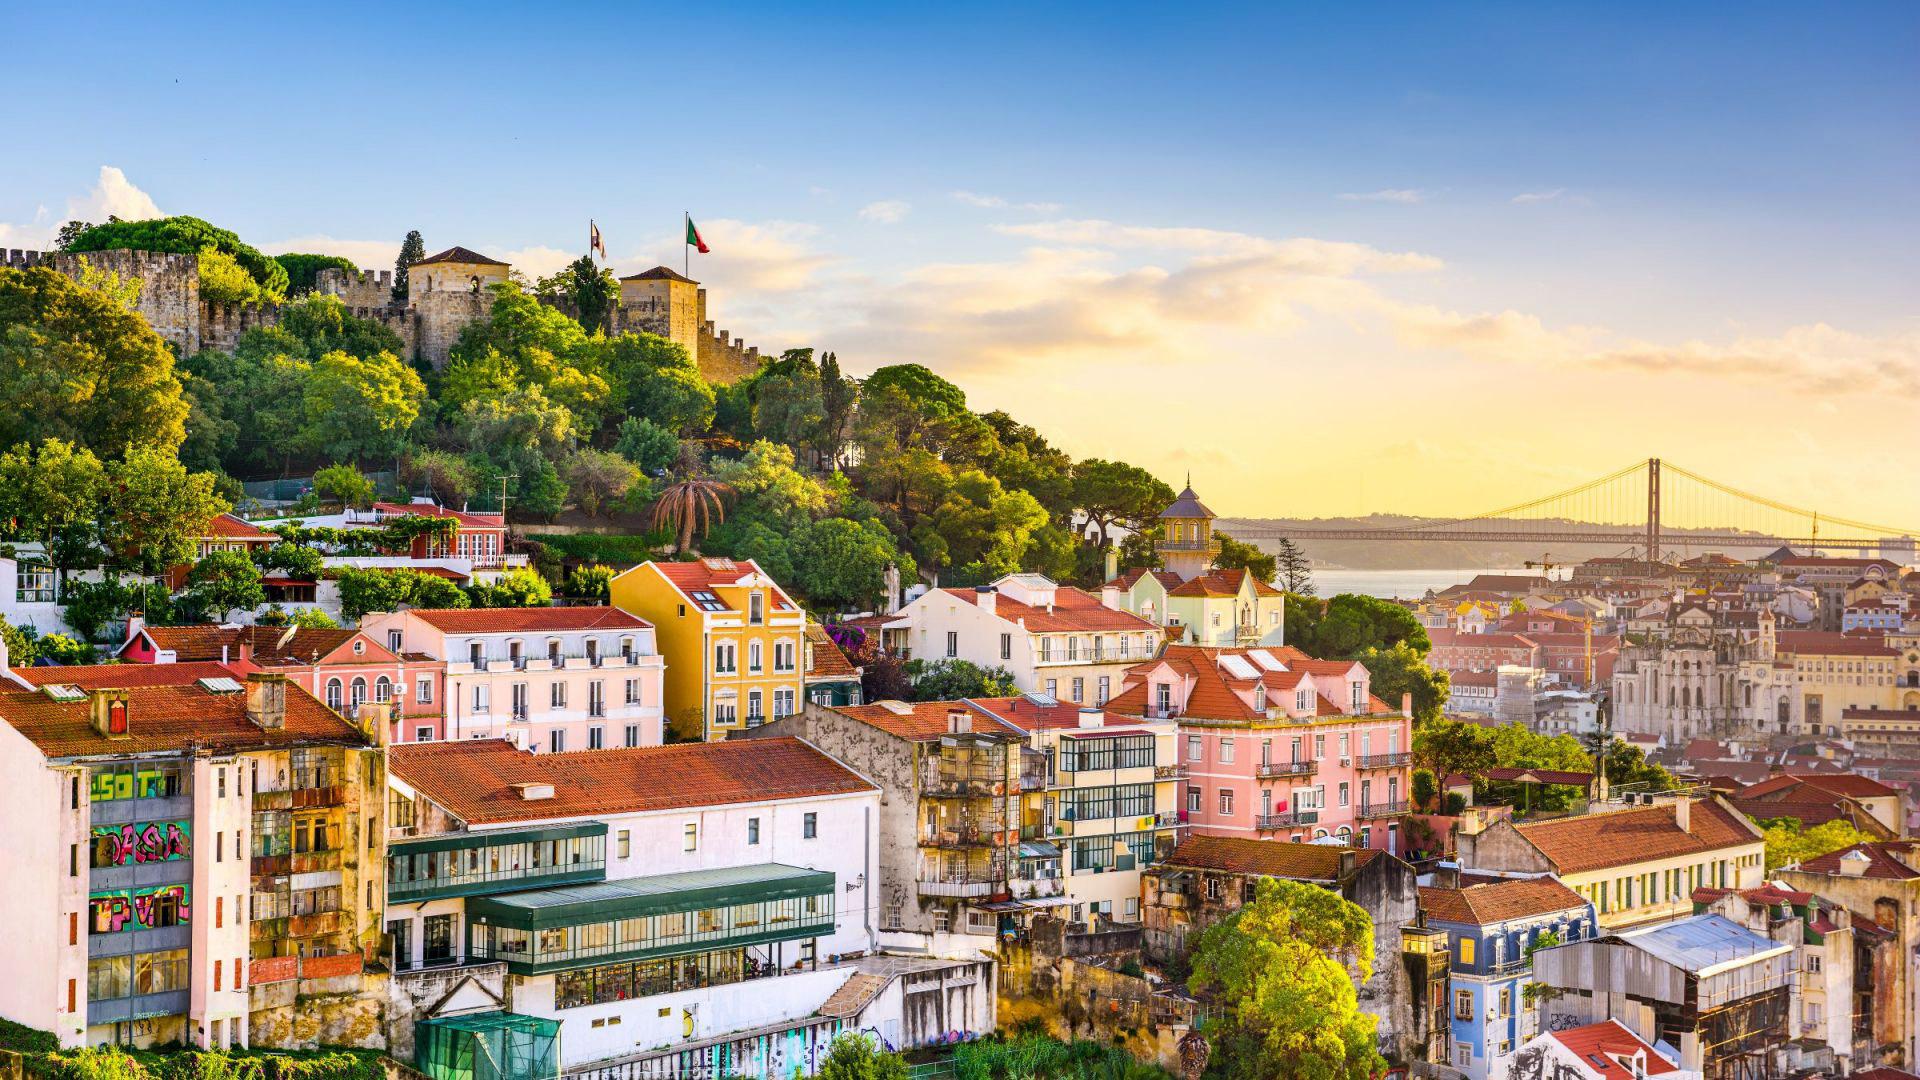 Op reis met de camper door Portugal - Lissabon